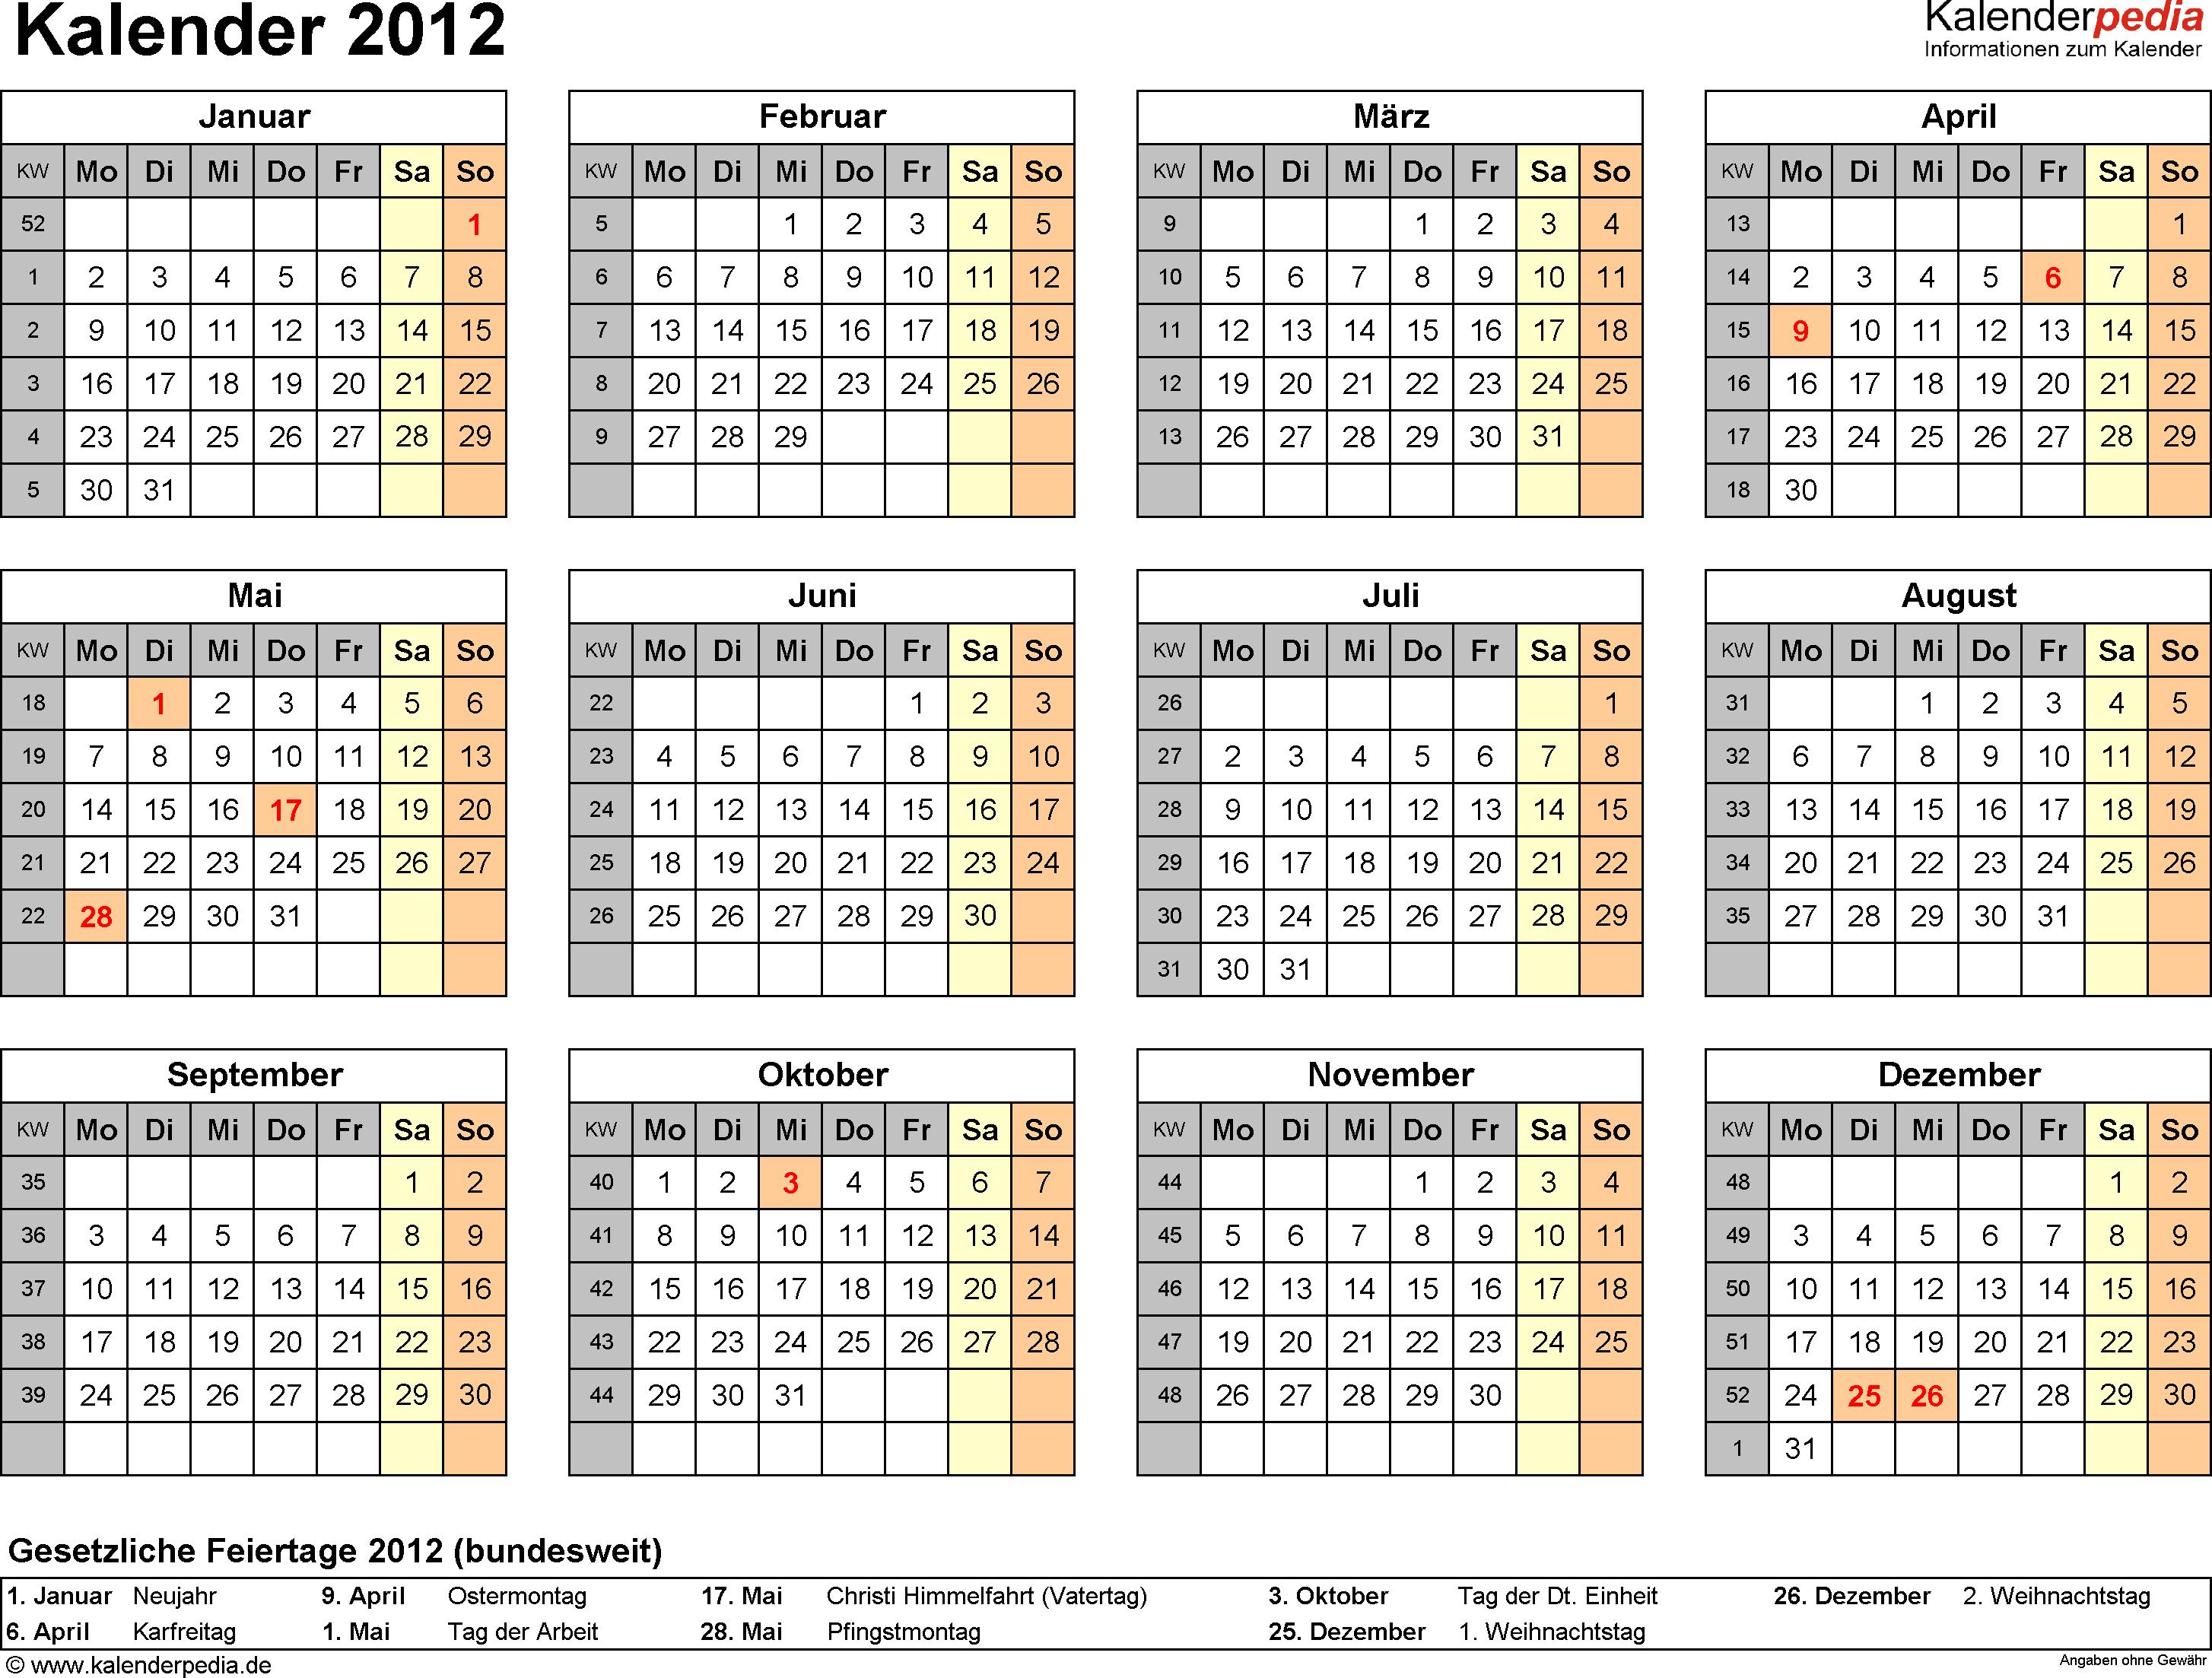 Vorlage 7: Jahreskalender 2012 als Excel-Vorlage, Querformat, DIN A4, 1 Seite, Jahresübersicht, mit Feiertagen und Kalenderwochen